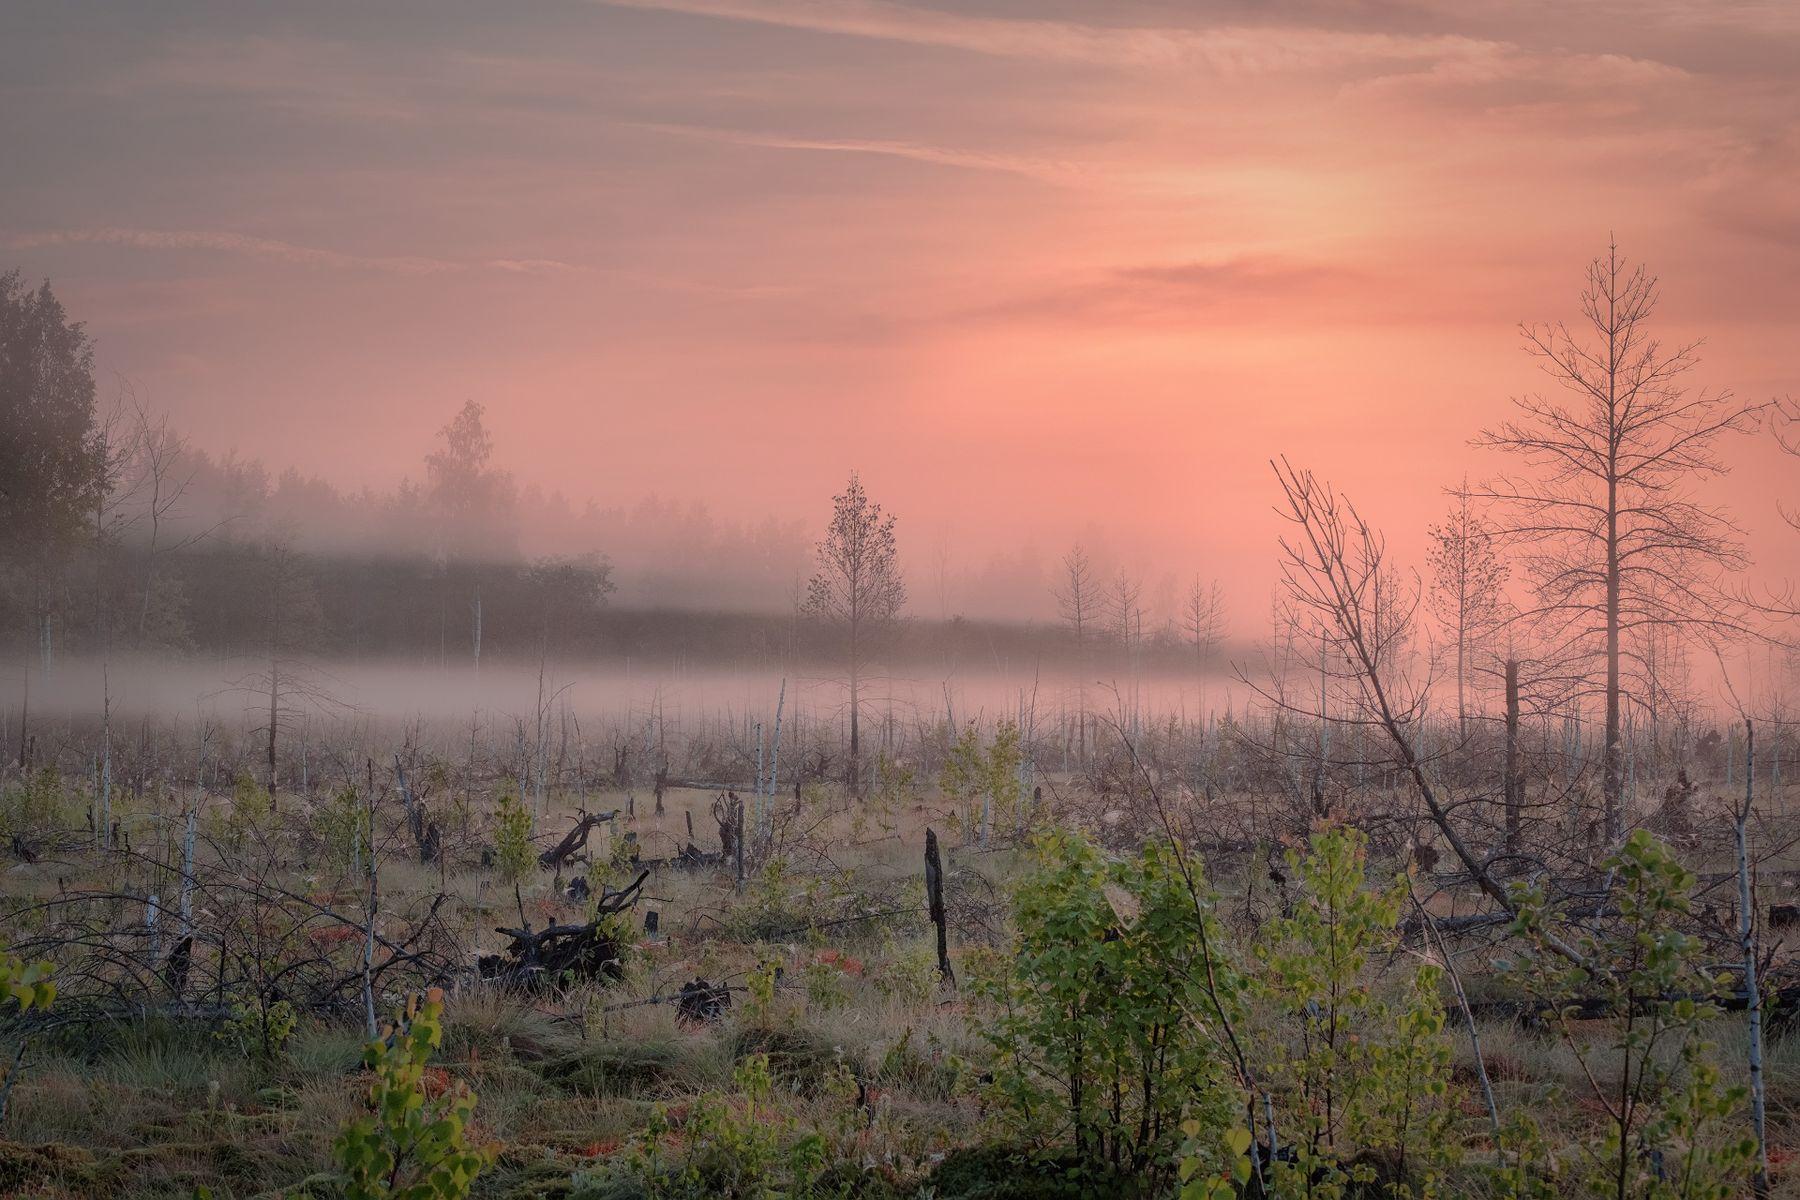 Обитель духов болото рассвет туман деревья коряга пень паутина утро урал пермь